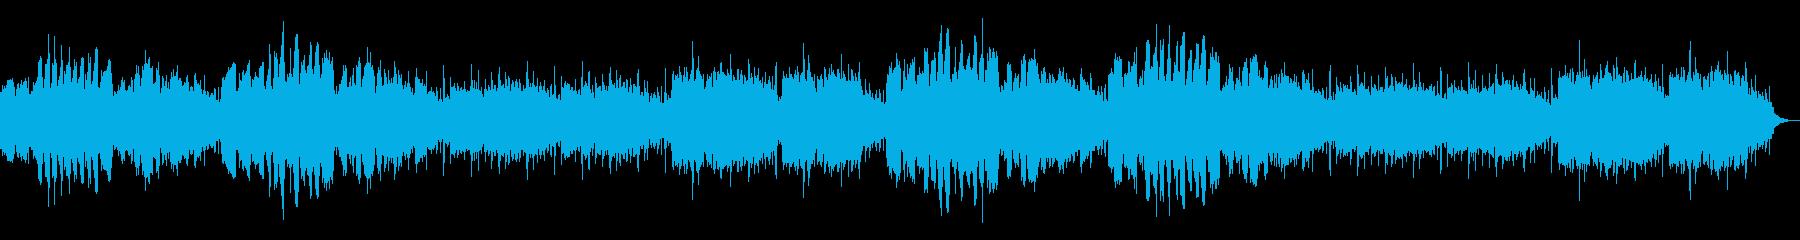 弦楽と木管の穏やかな間奏曲の再生済みの波形